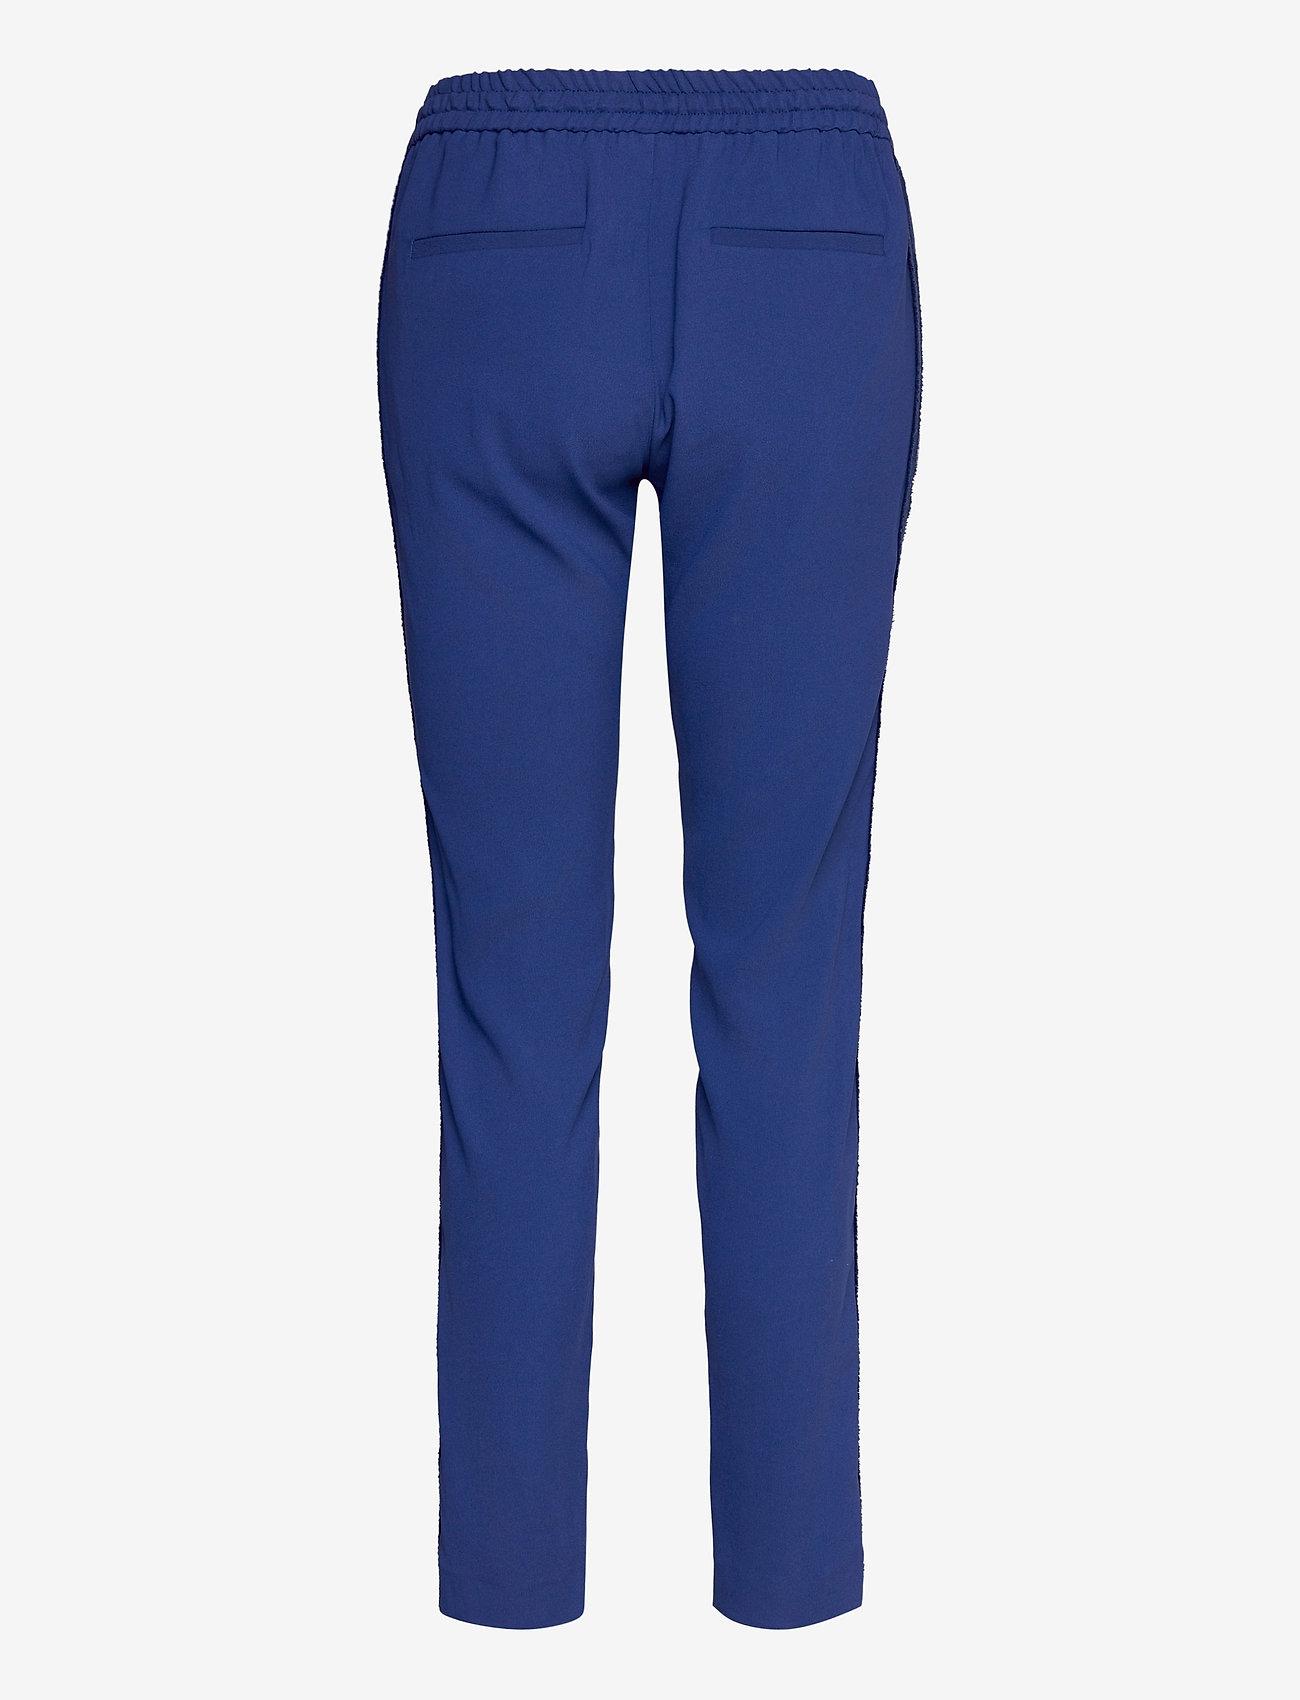 Zadig & Voltaire - PARONO CREPE PANTALON - slim fit bukser - blue - 1